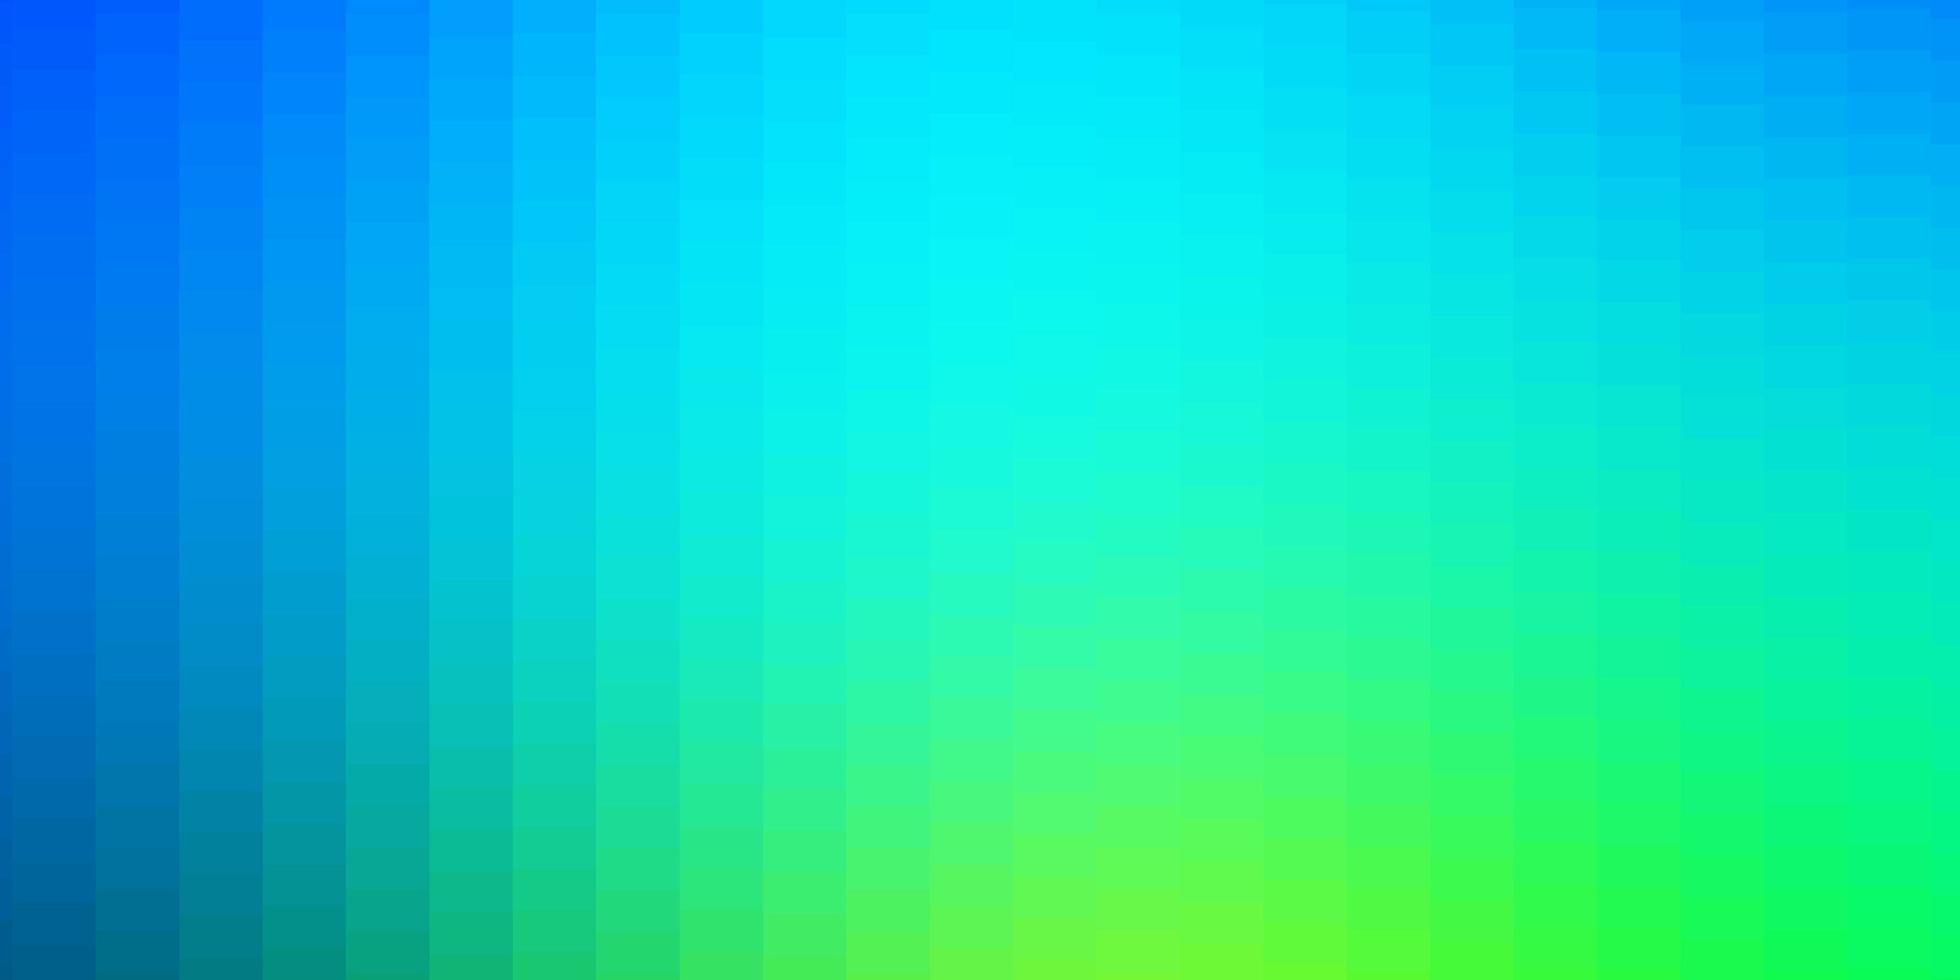 modello vettoriale azzurro, verde in stile quadrato.